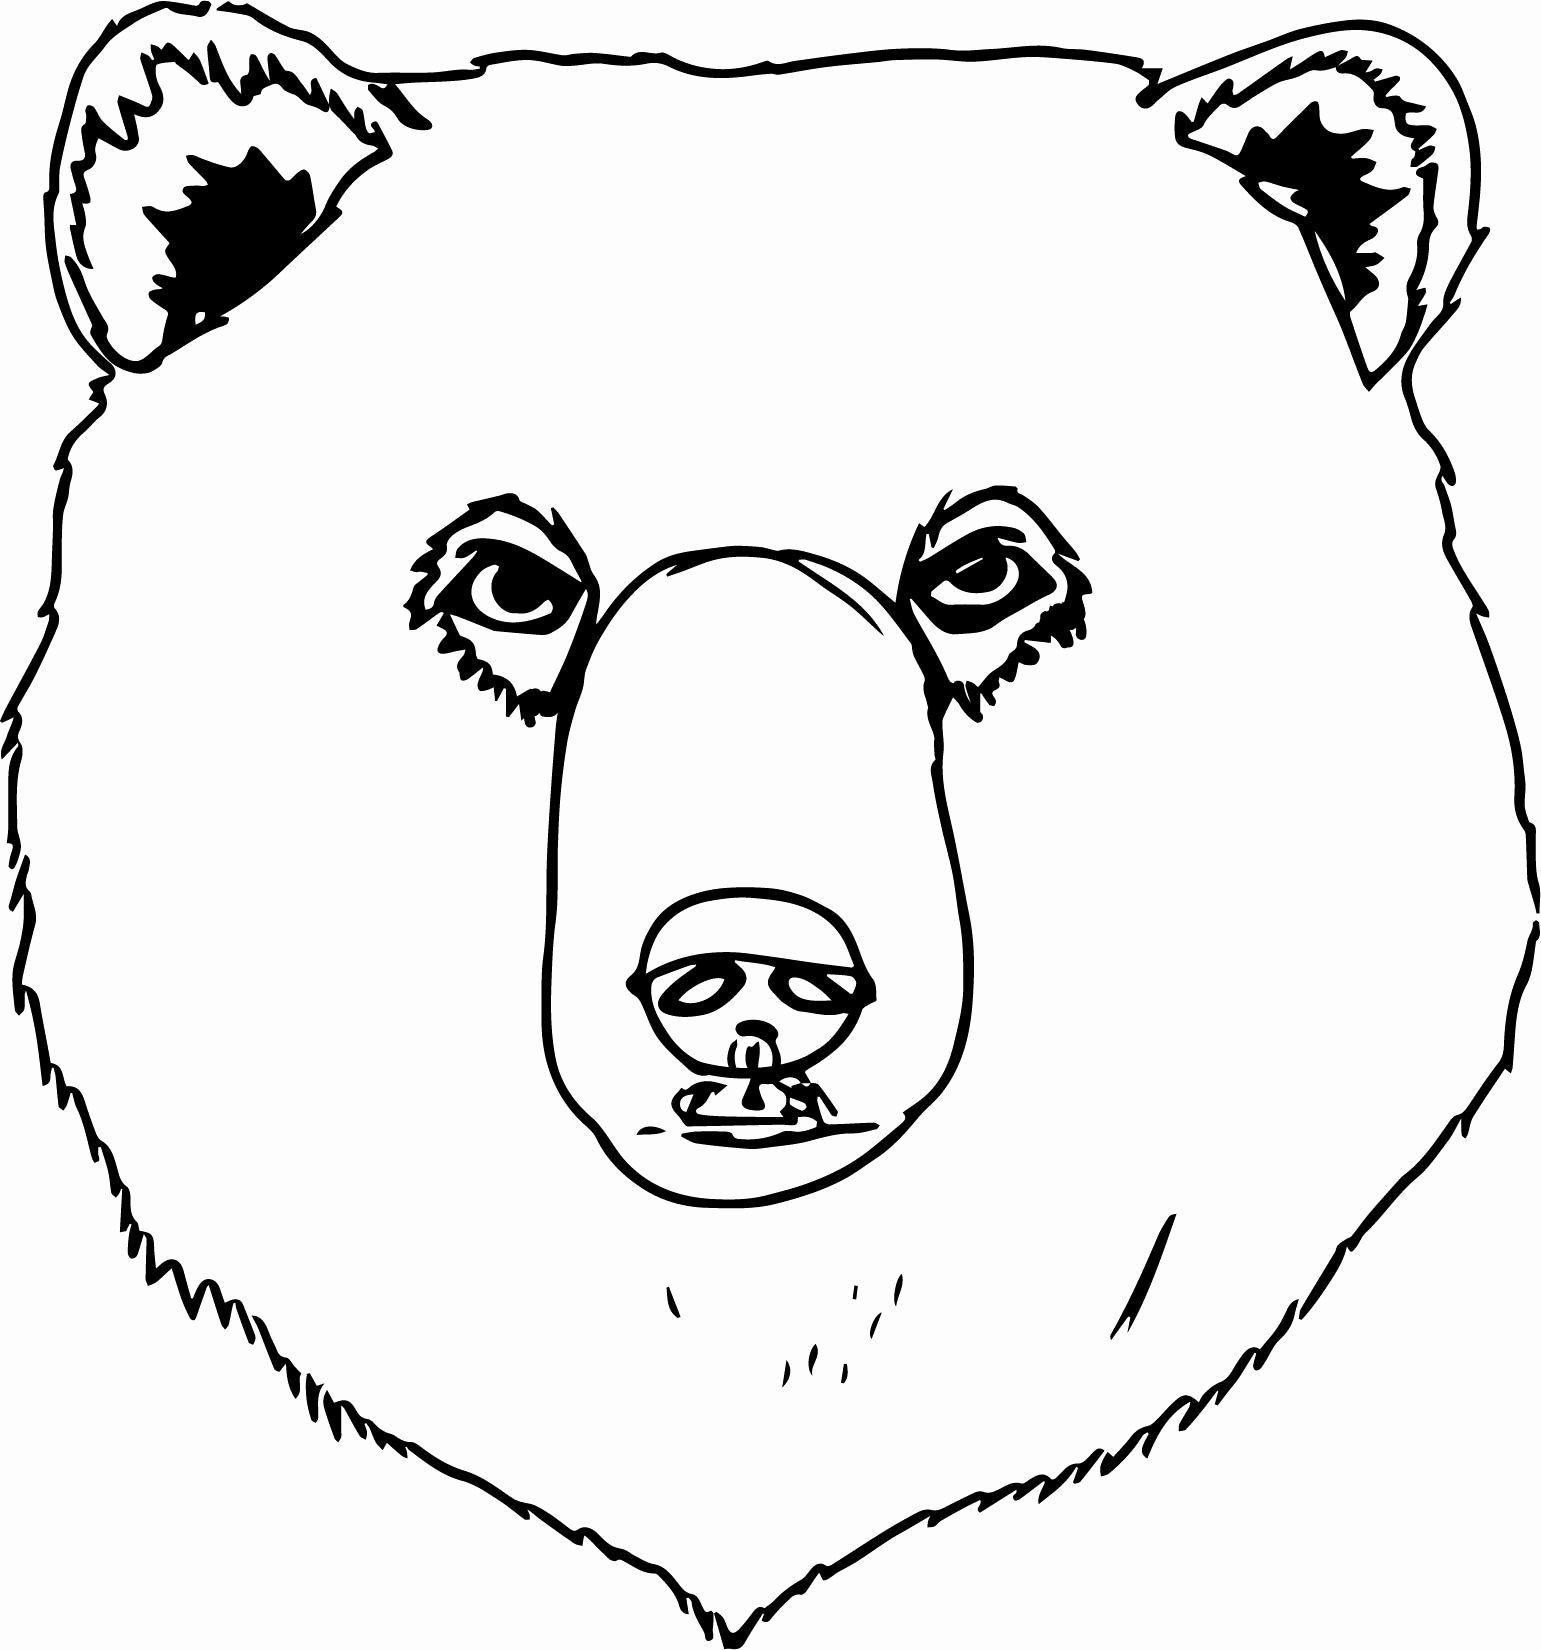 Black Bear Coloring Page Unique Black Bear Face Drawing At Getdrawings Bear Coloring Pages Bear Face Drawing Monster Coloring Pages